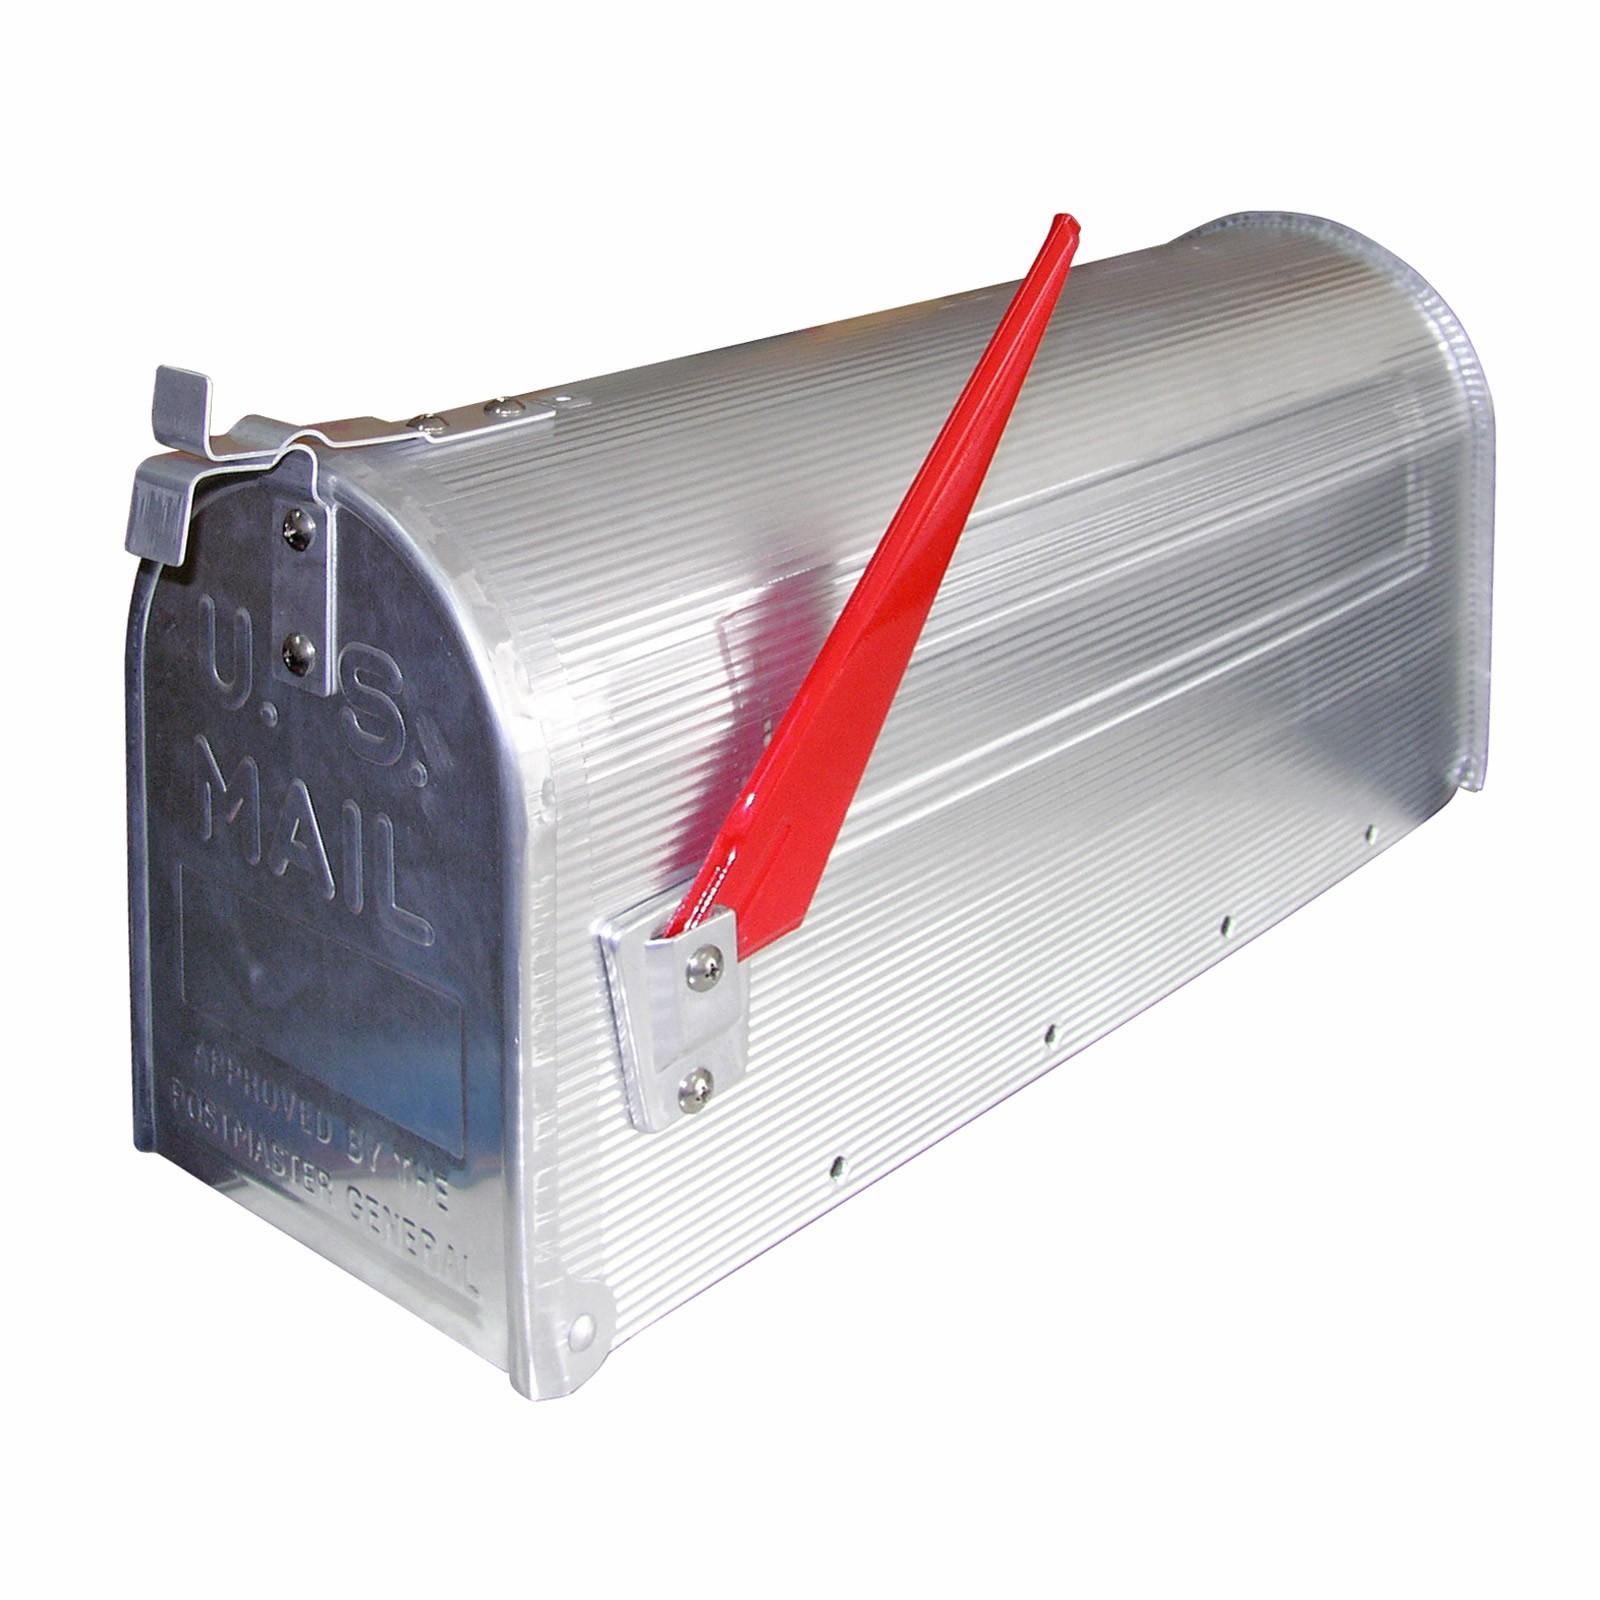 Amerikanischer briefkasten american mailbox aus alu silber for American briefkasten